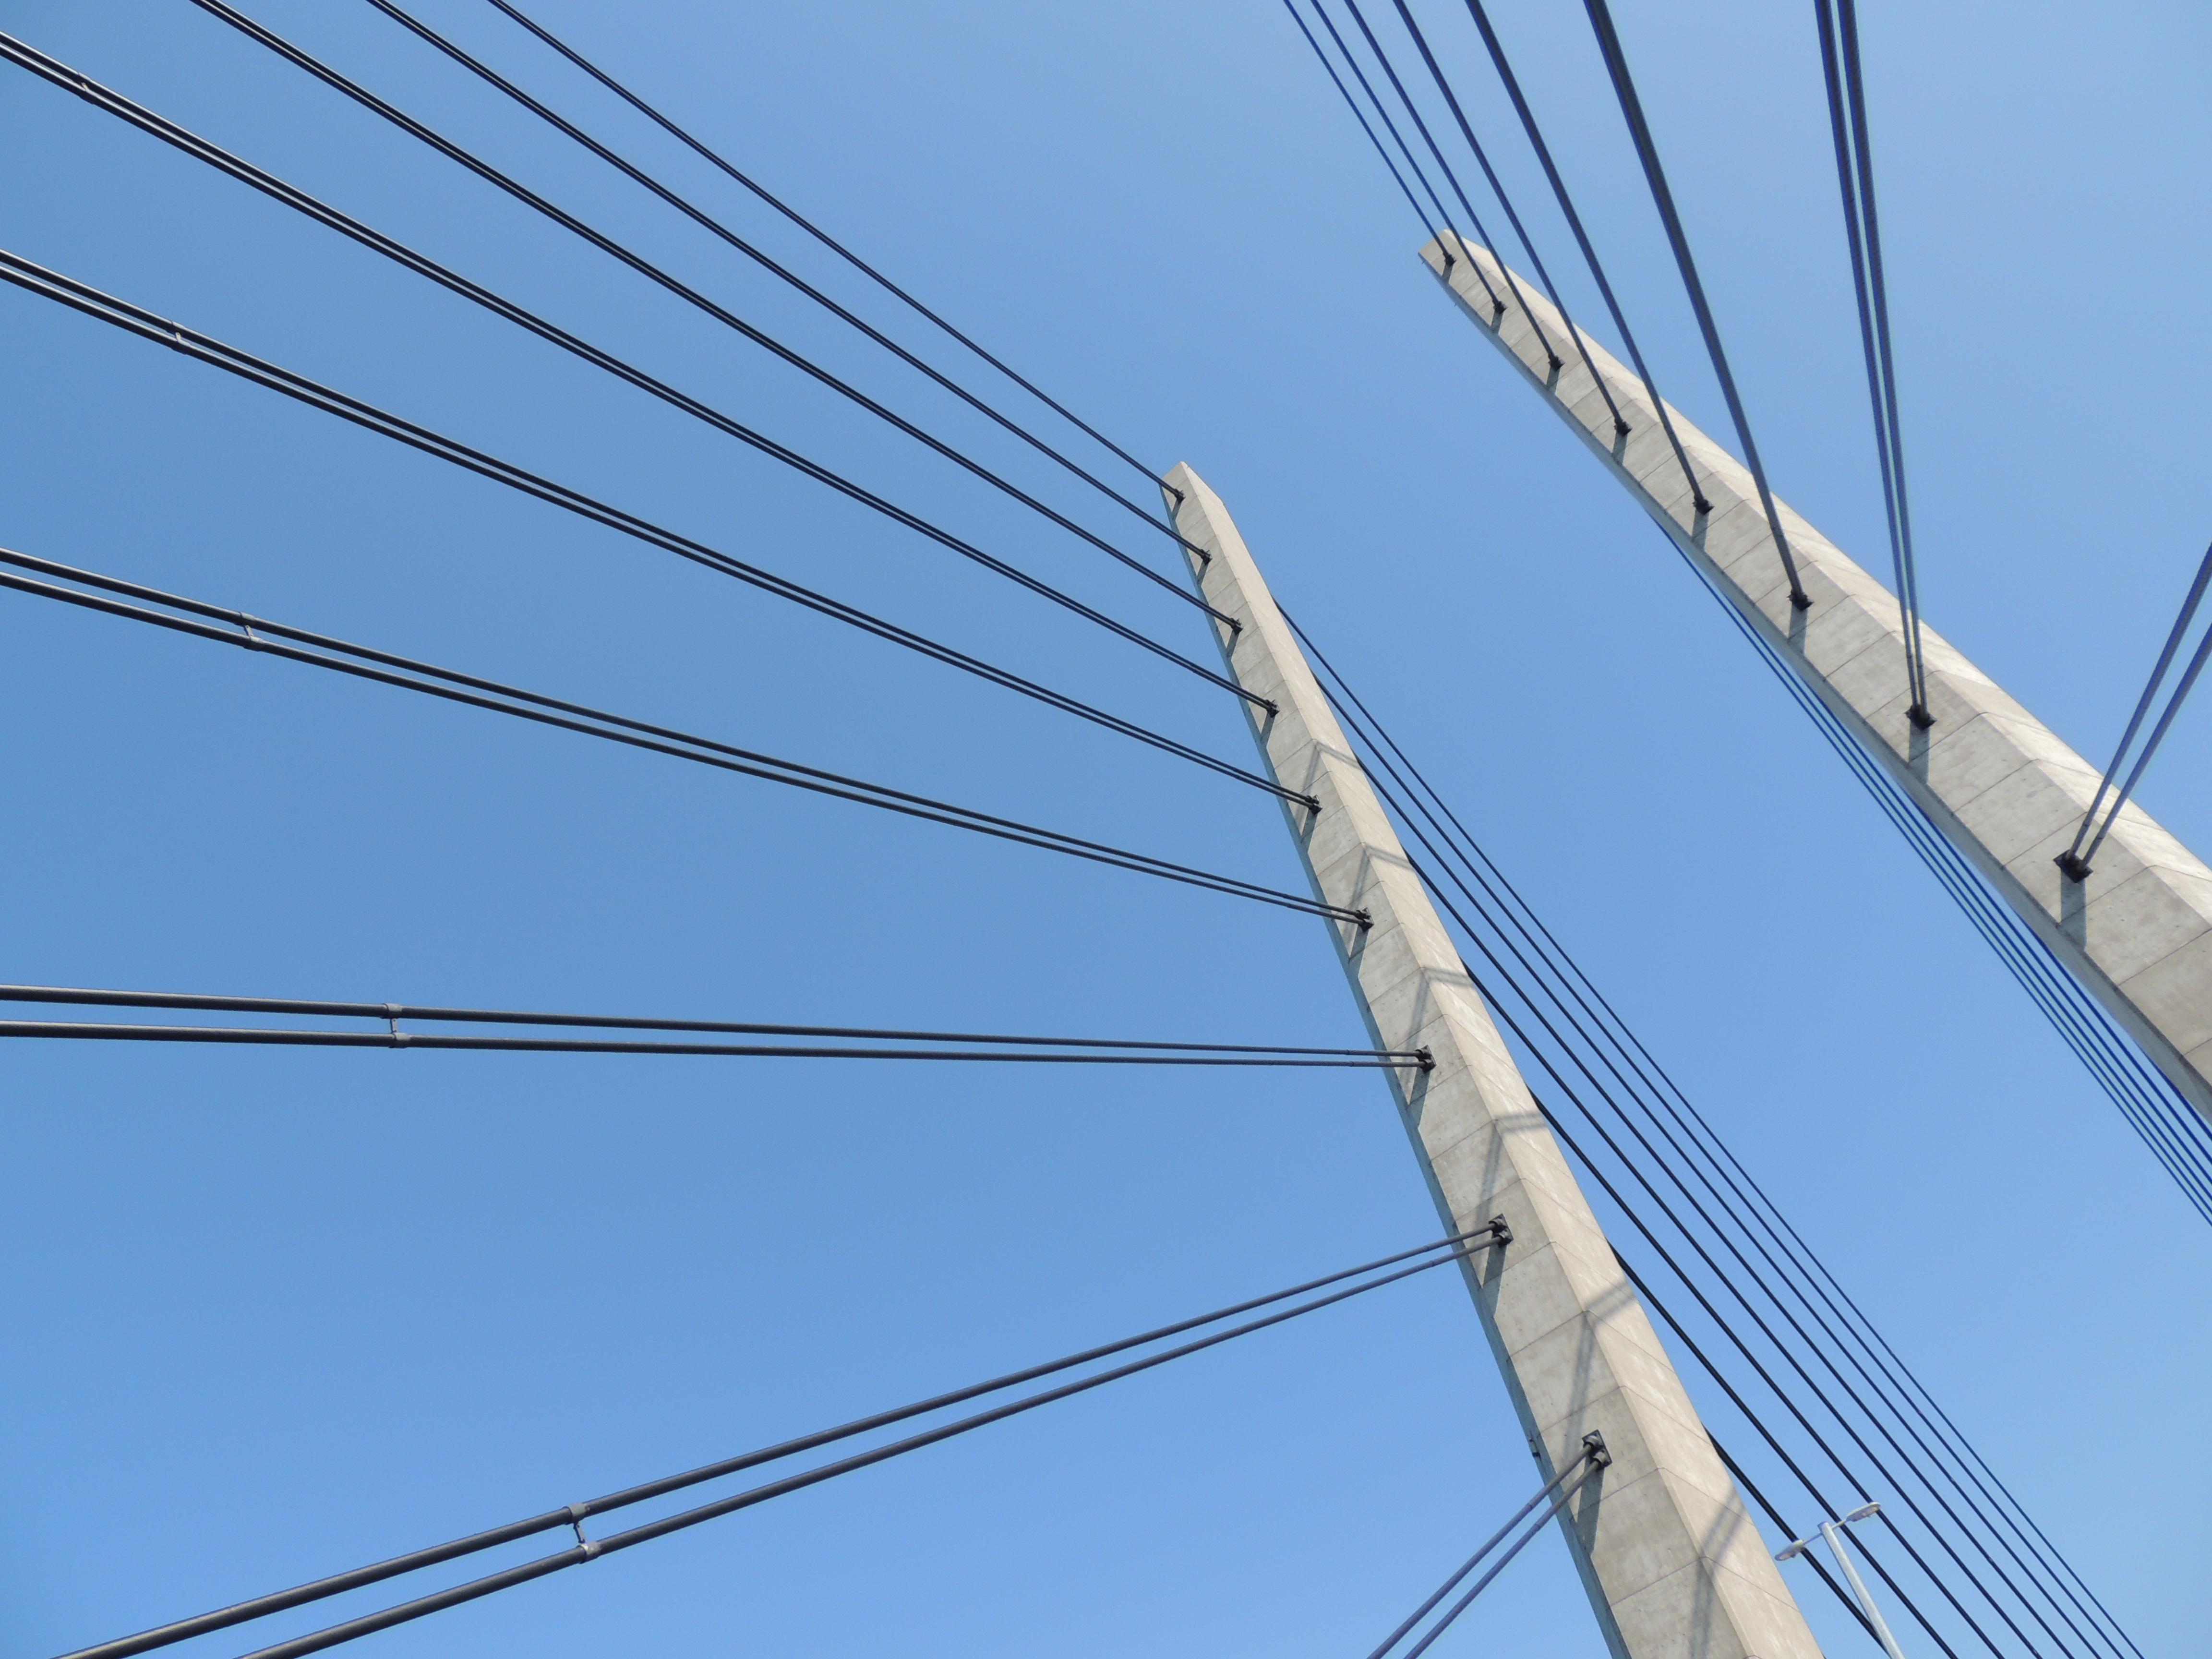 Stehlen Modern kostenlose foto wasser die architektur himmel brücke gebäude